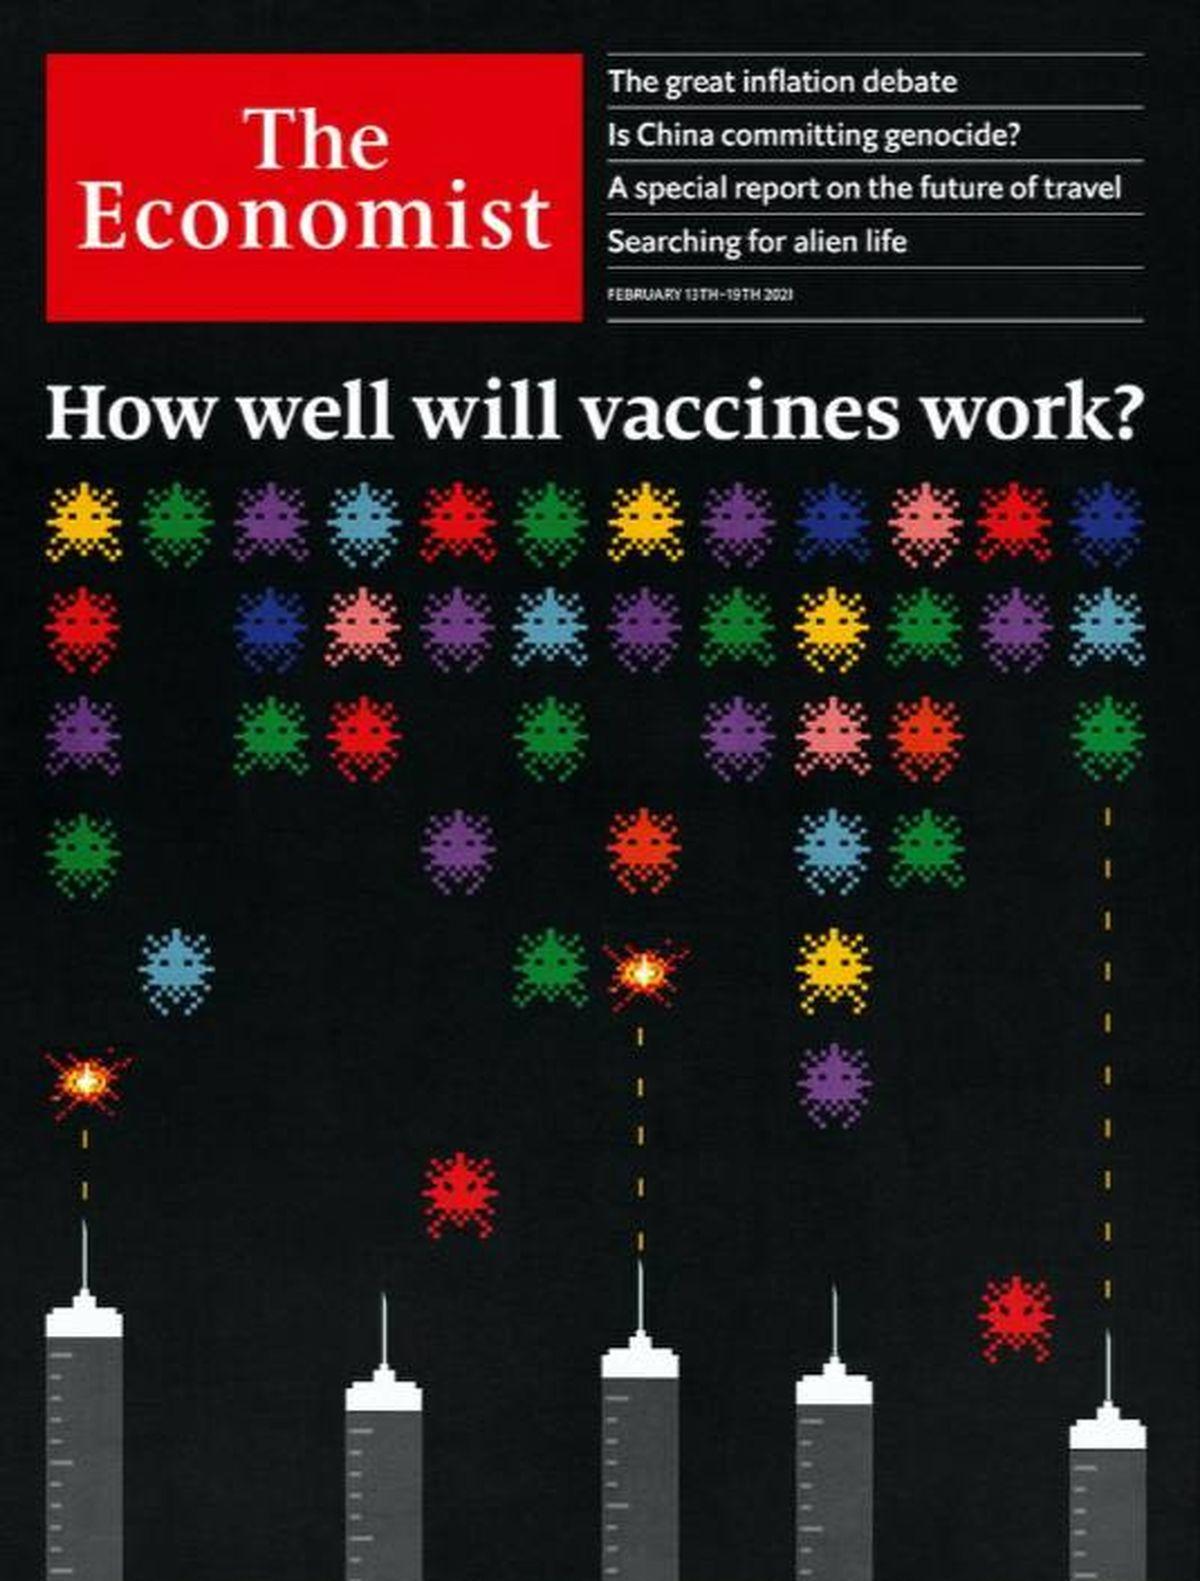 واکسنها چه میزان موثر خواهند بود؟